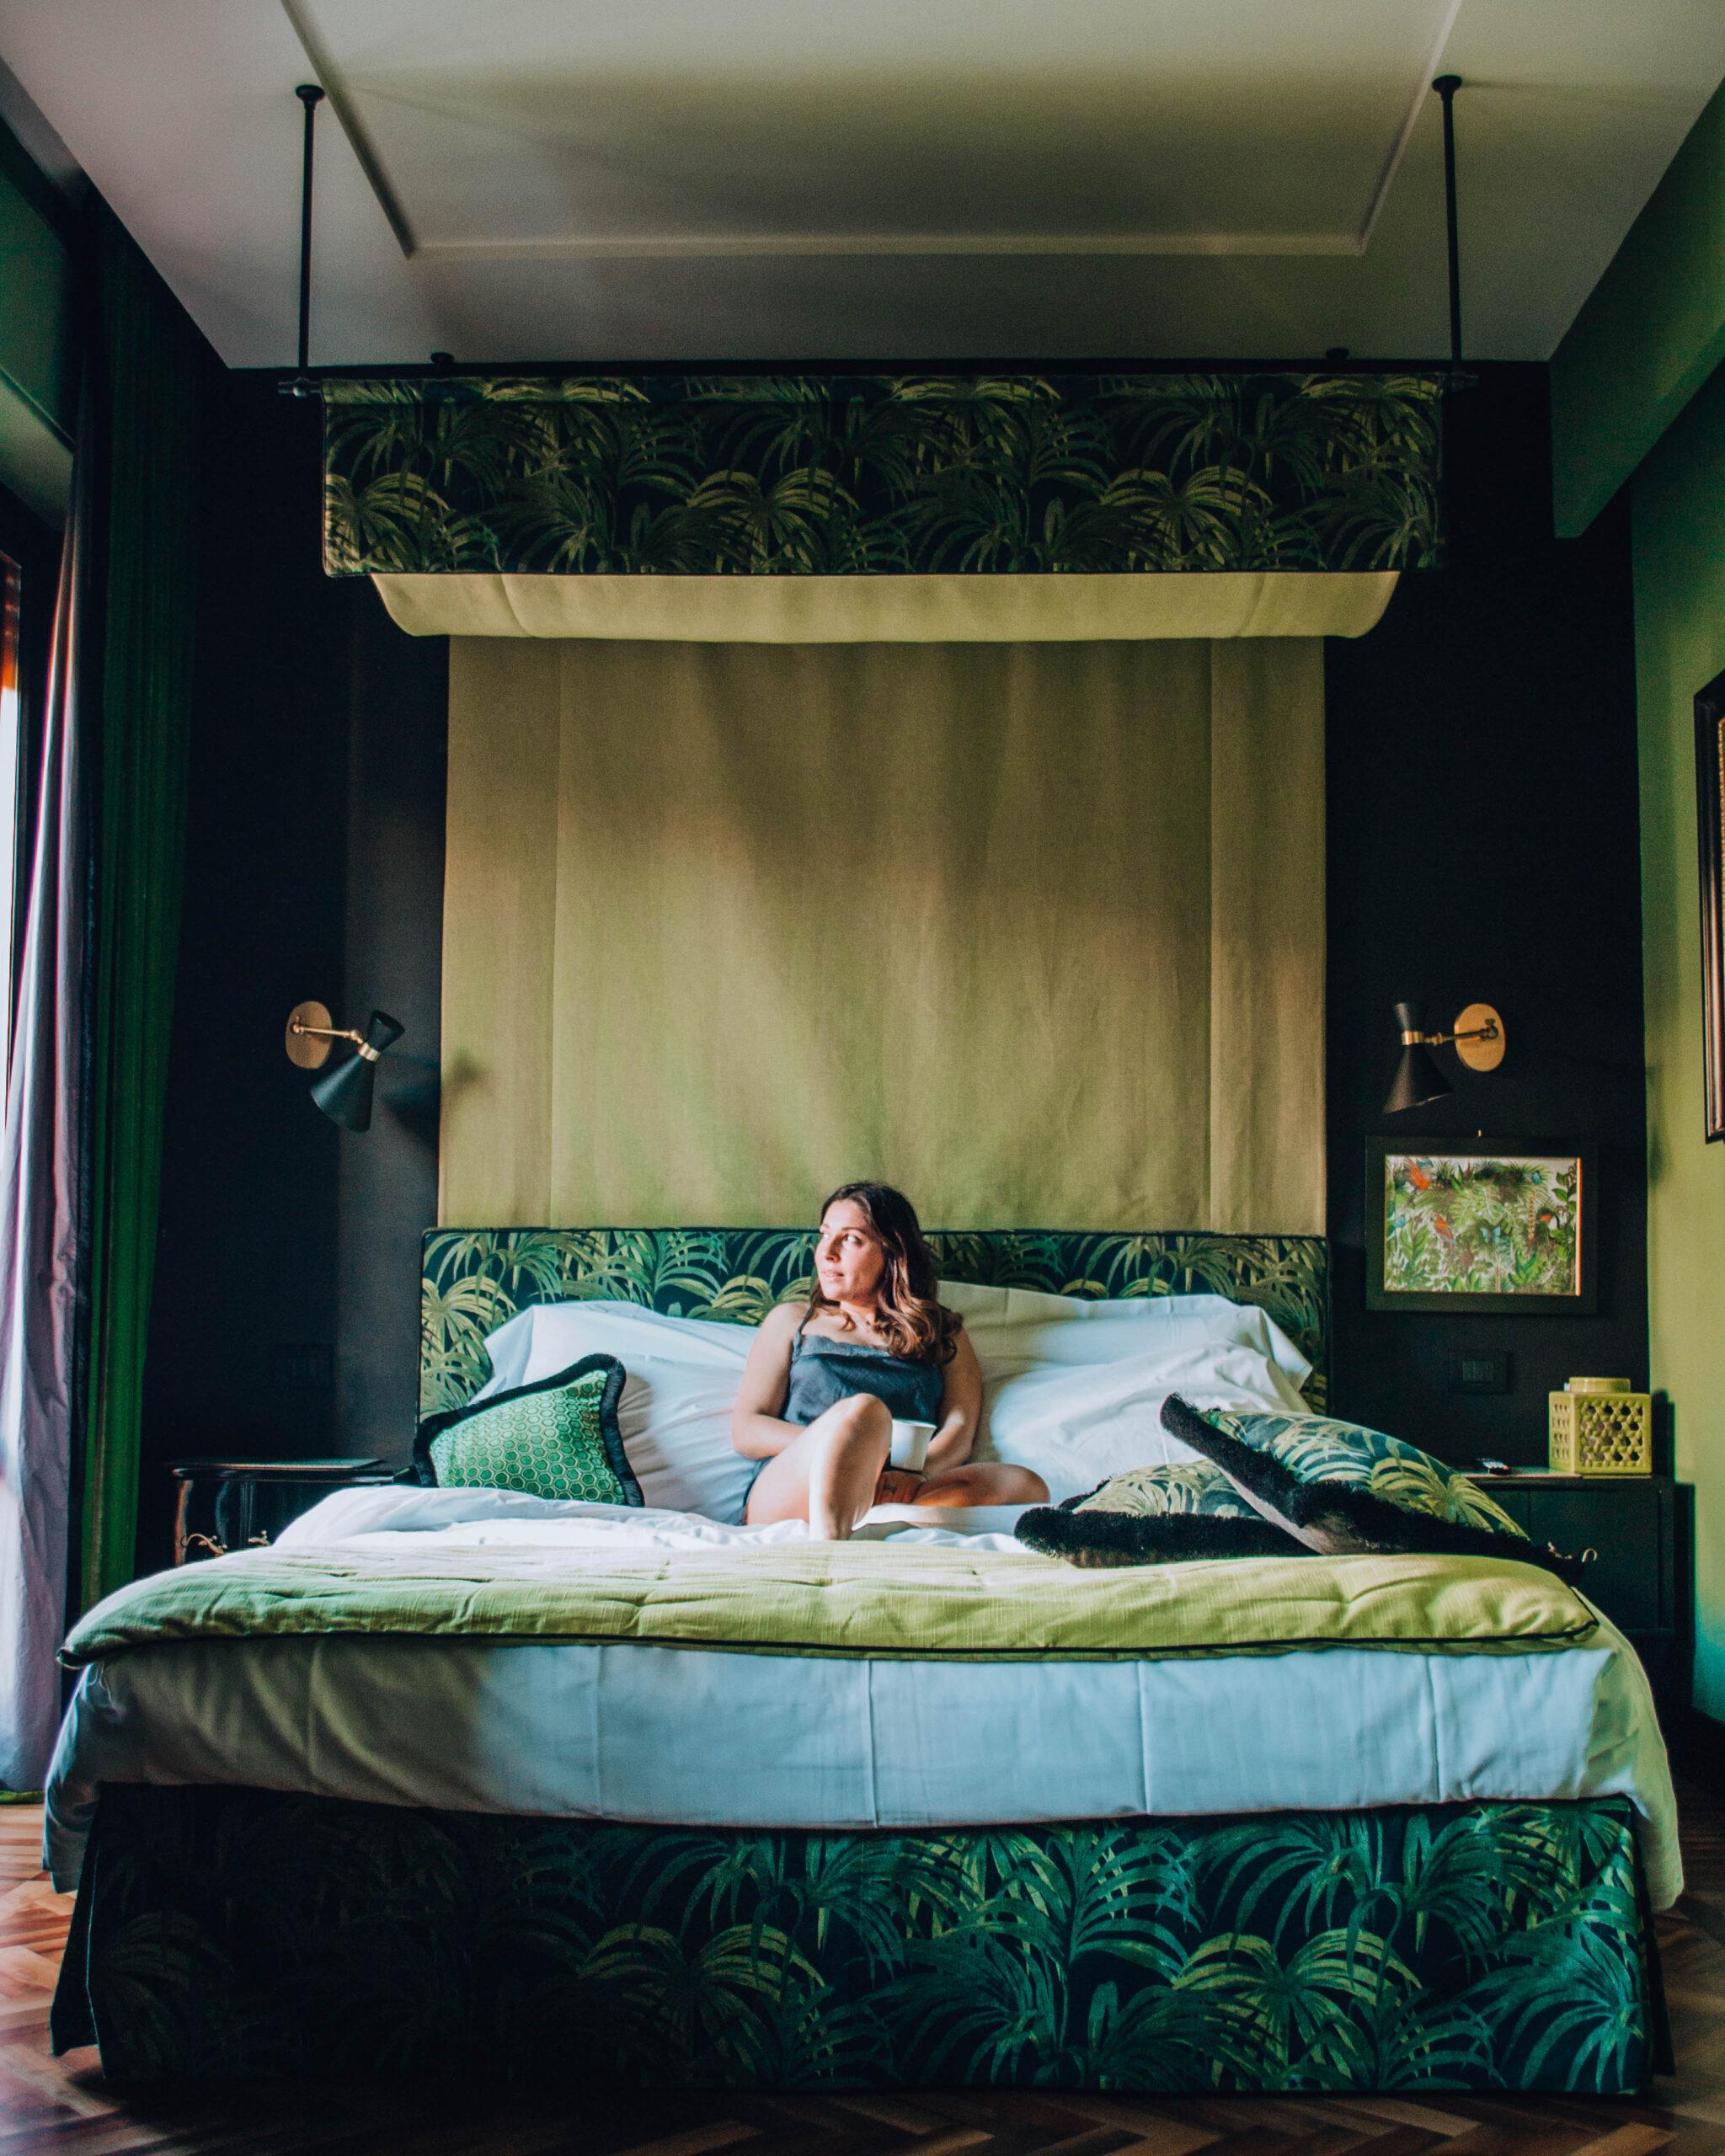 ragazza in pigiama che fa coazione su letto a baldacchino